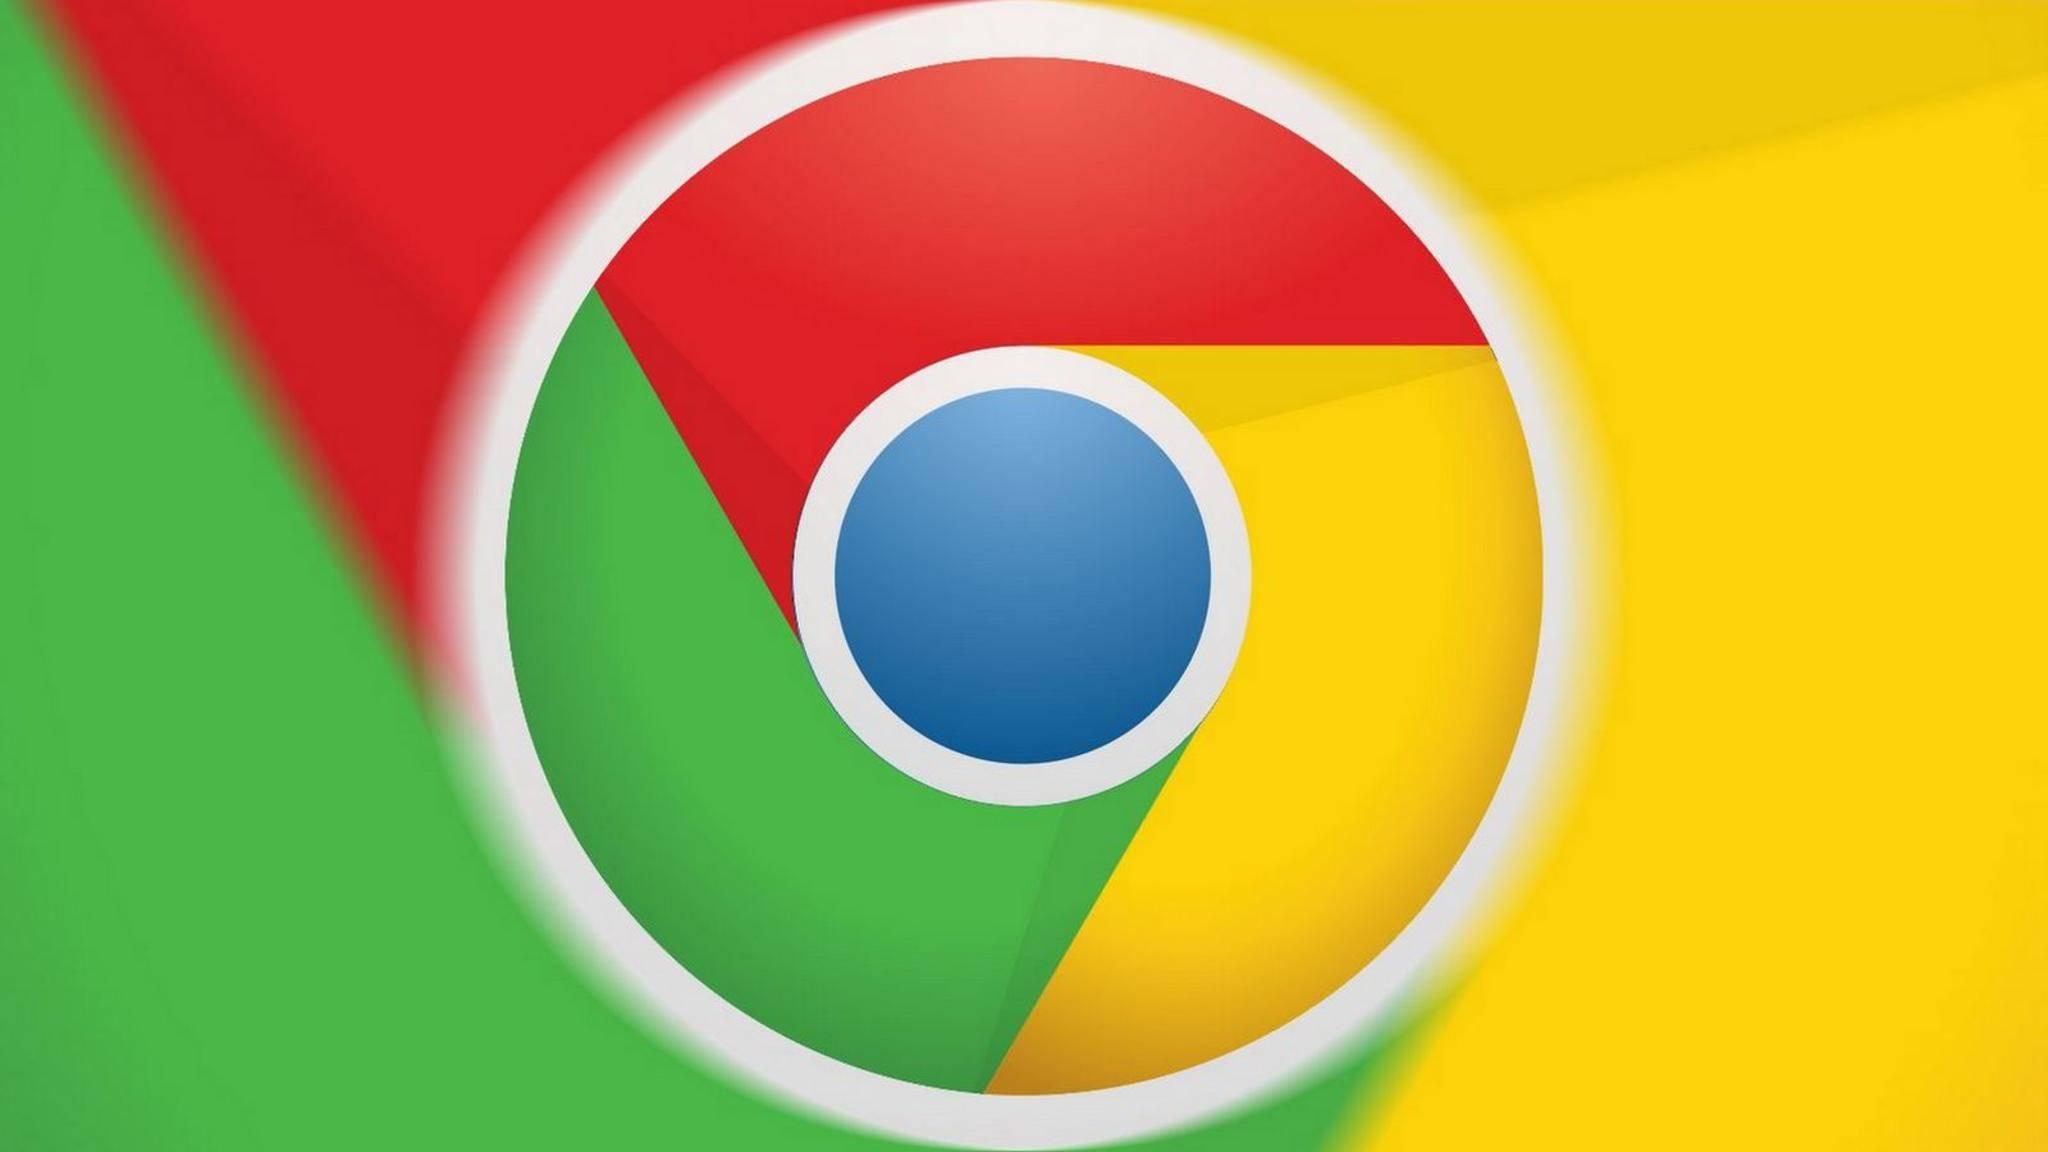 Chrome kommt als Fake-App in den Microsoft Store - und das hochoffiziell.